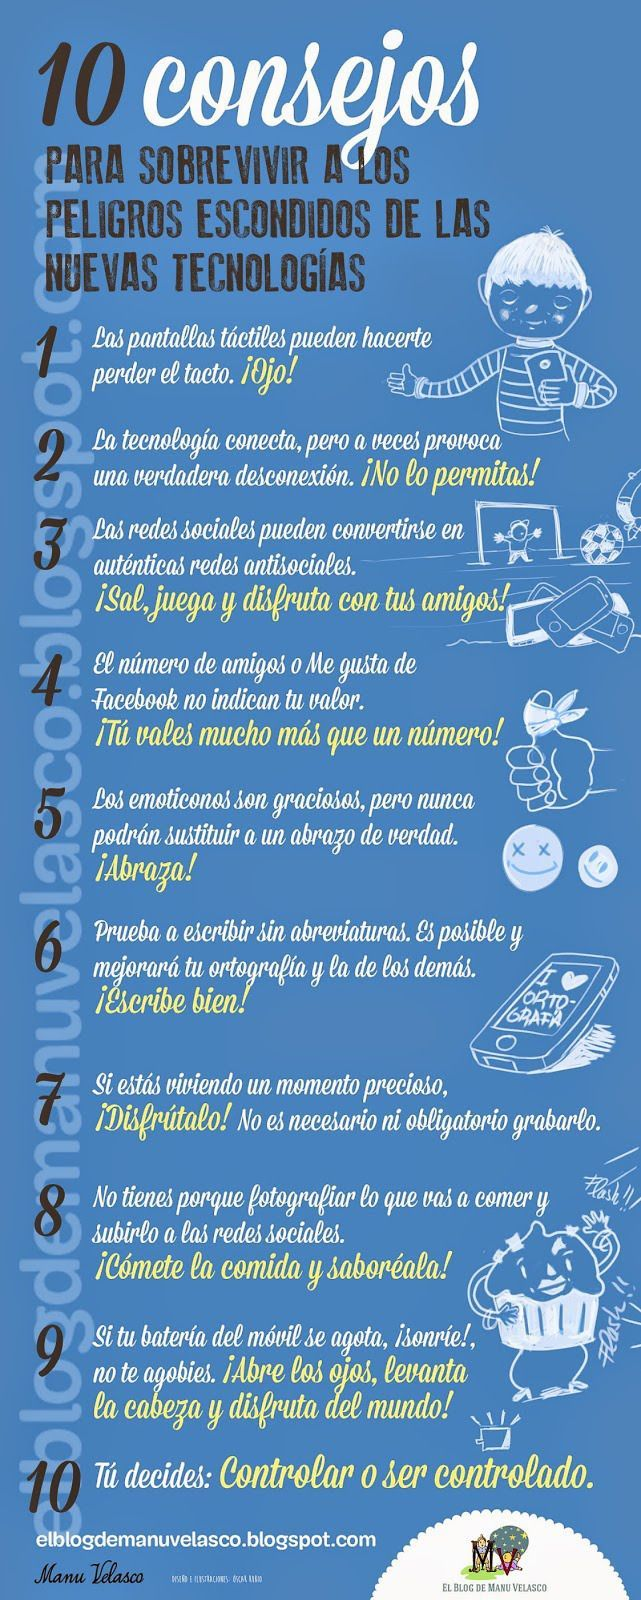 10ConsejosDisfrutarSaludablementeTecnología-Infografía-BlogGesvin